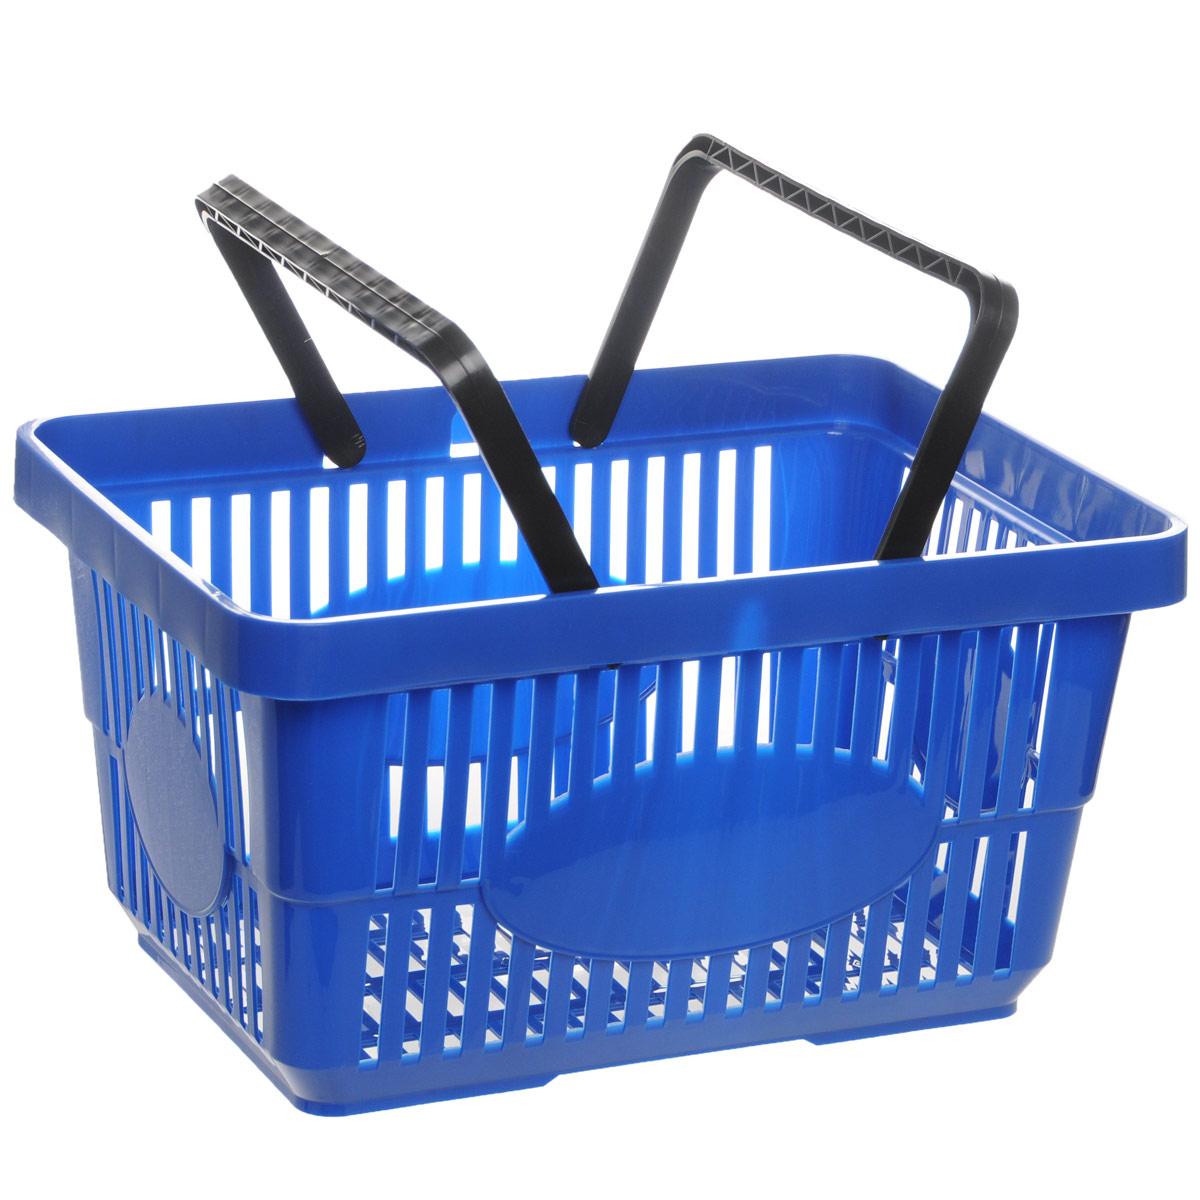 Корзина для покупок Альтернатива, цвет: синий, 42,5 х 30 х 22,5 смМ1280_синийКорзина для покупок Альтернатива изготовлена из прочного пластика и оснащена двумя ручками. Поверхность изделия перфорированная. Корзина предназначена для покупателей продуктовых и строительных гипермаркетов для переноски легких товаров по торговому залу. Также прекрасно подойдет для различных хозяйственных нужд, хранения и транспортировки бытовых предметов. Корзина очень легкая, прочная и не поддается коррозии.